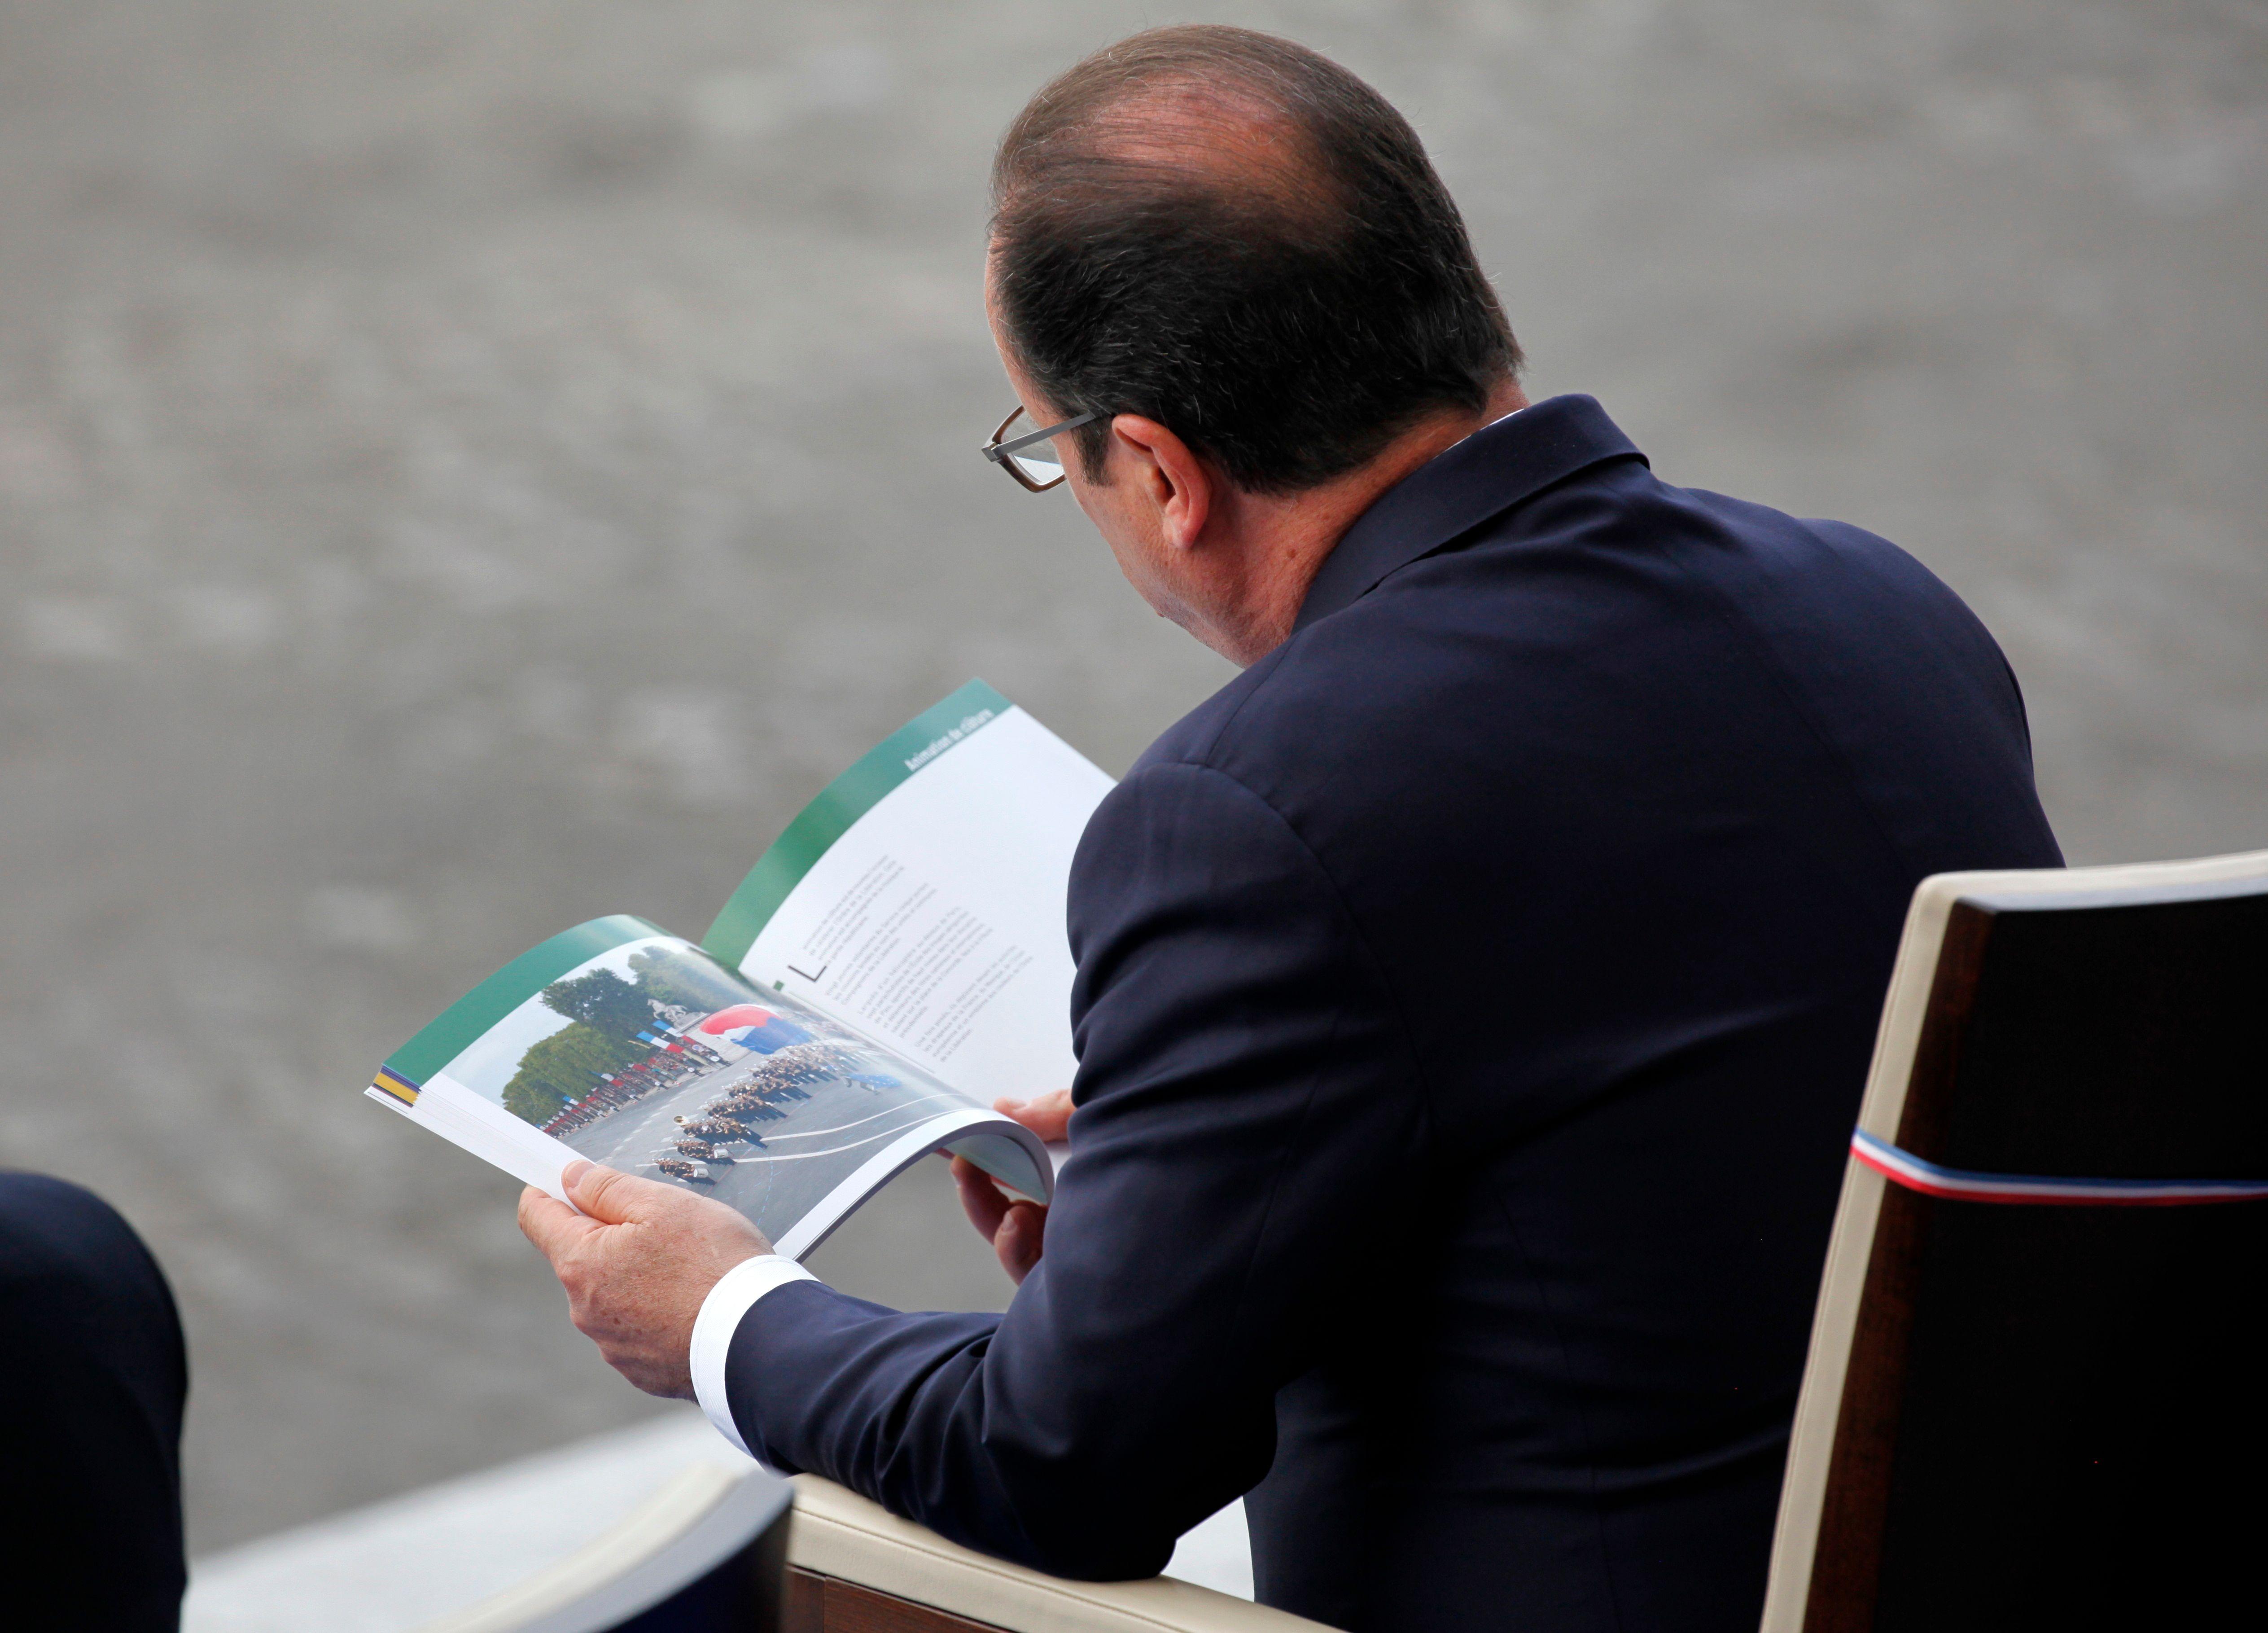 30% des Français pensent que François Hollande ne reformera plus d'ici l'élection de 2017, 46% qu'il ne le fera qu'à la marge